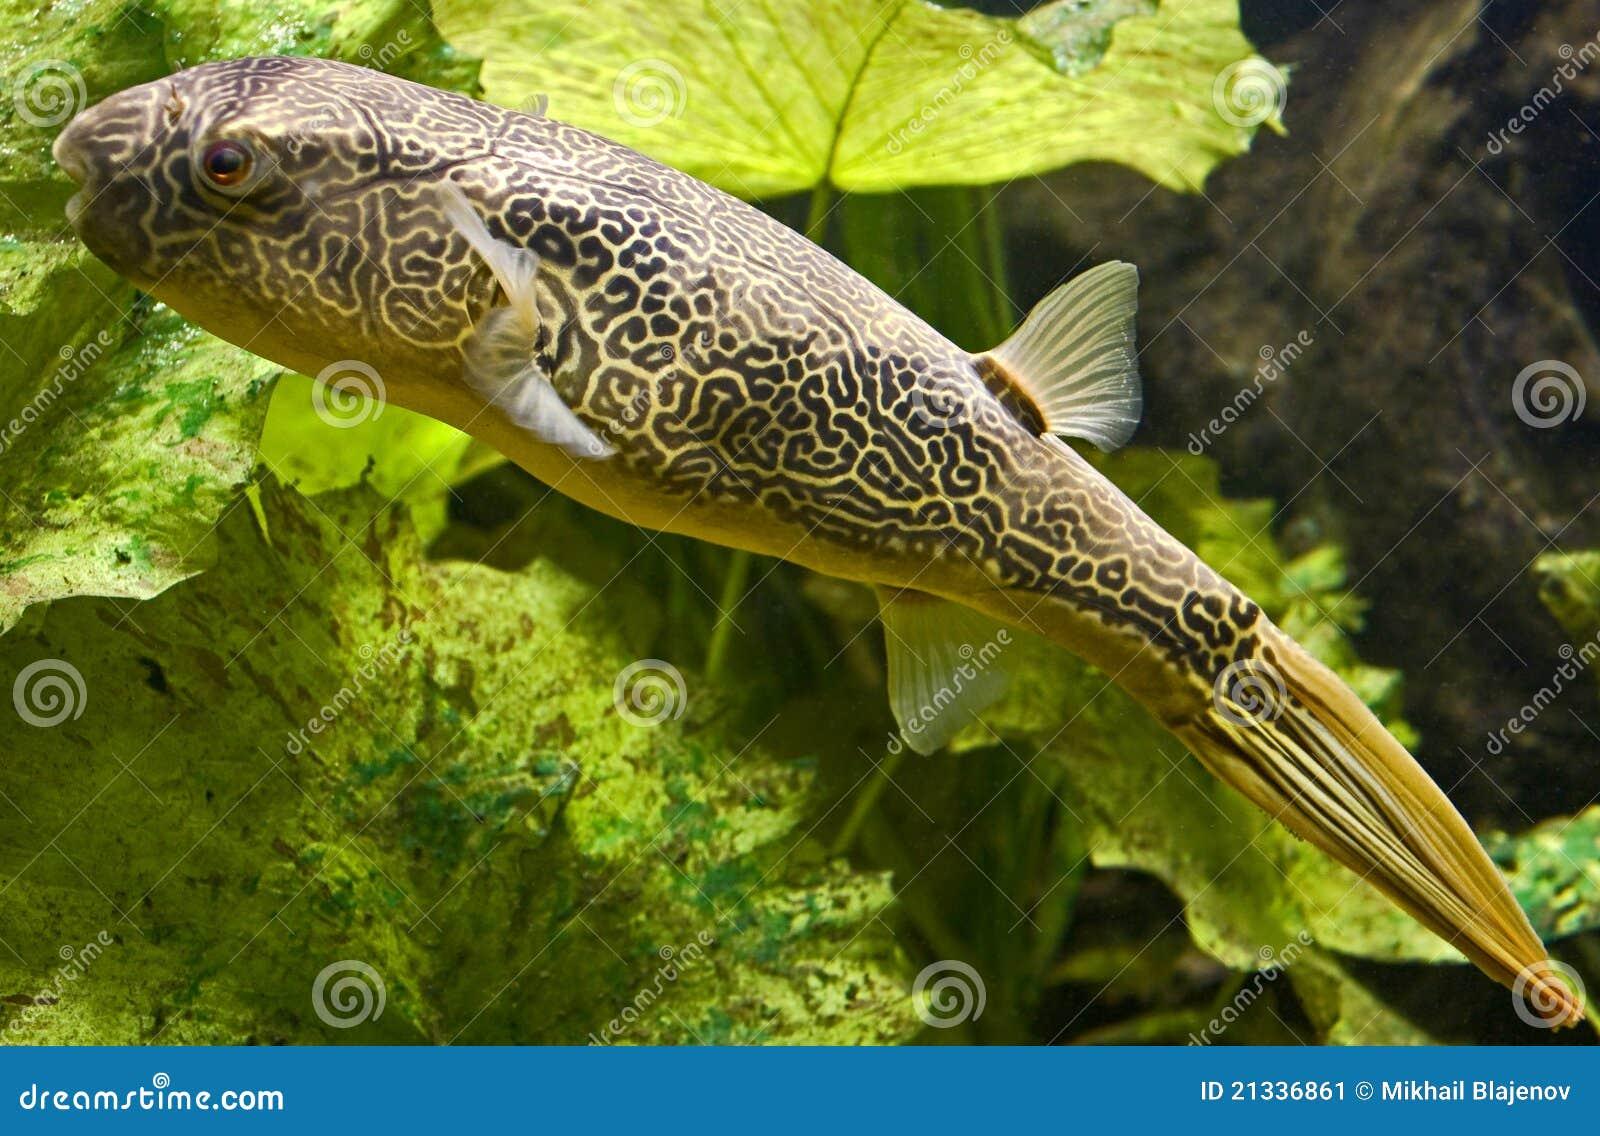 Pesce palla d 39 acqua dolce 5 immagine stock immagine for Pesce pulitore acqua dolce